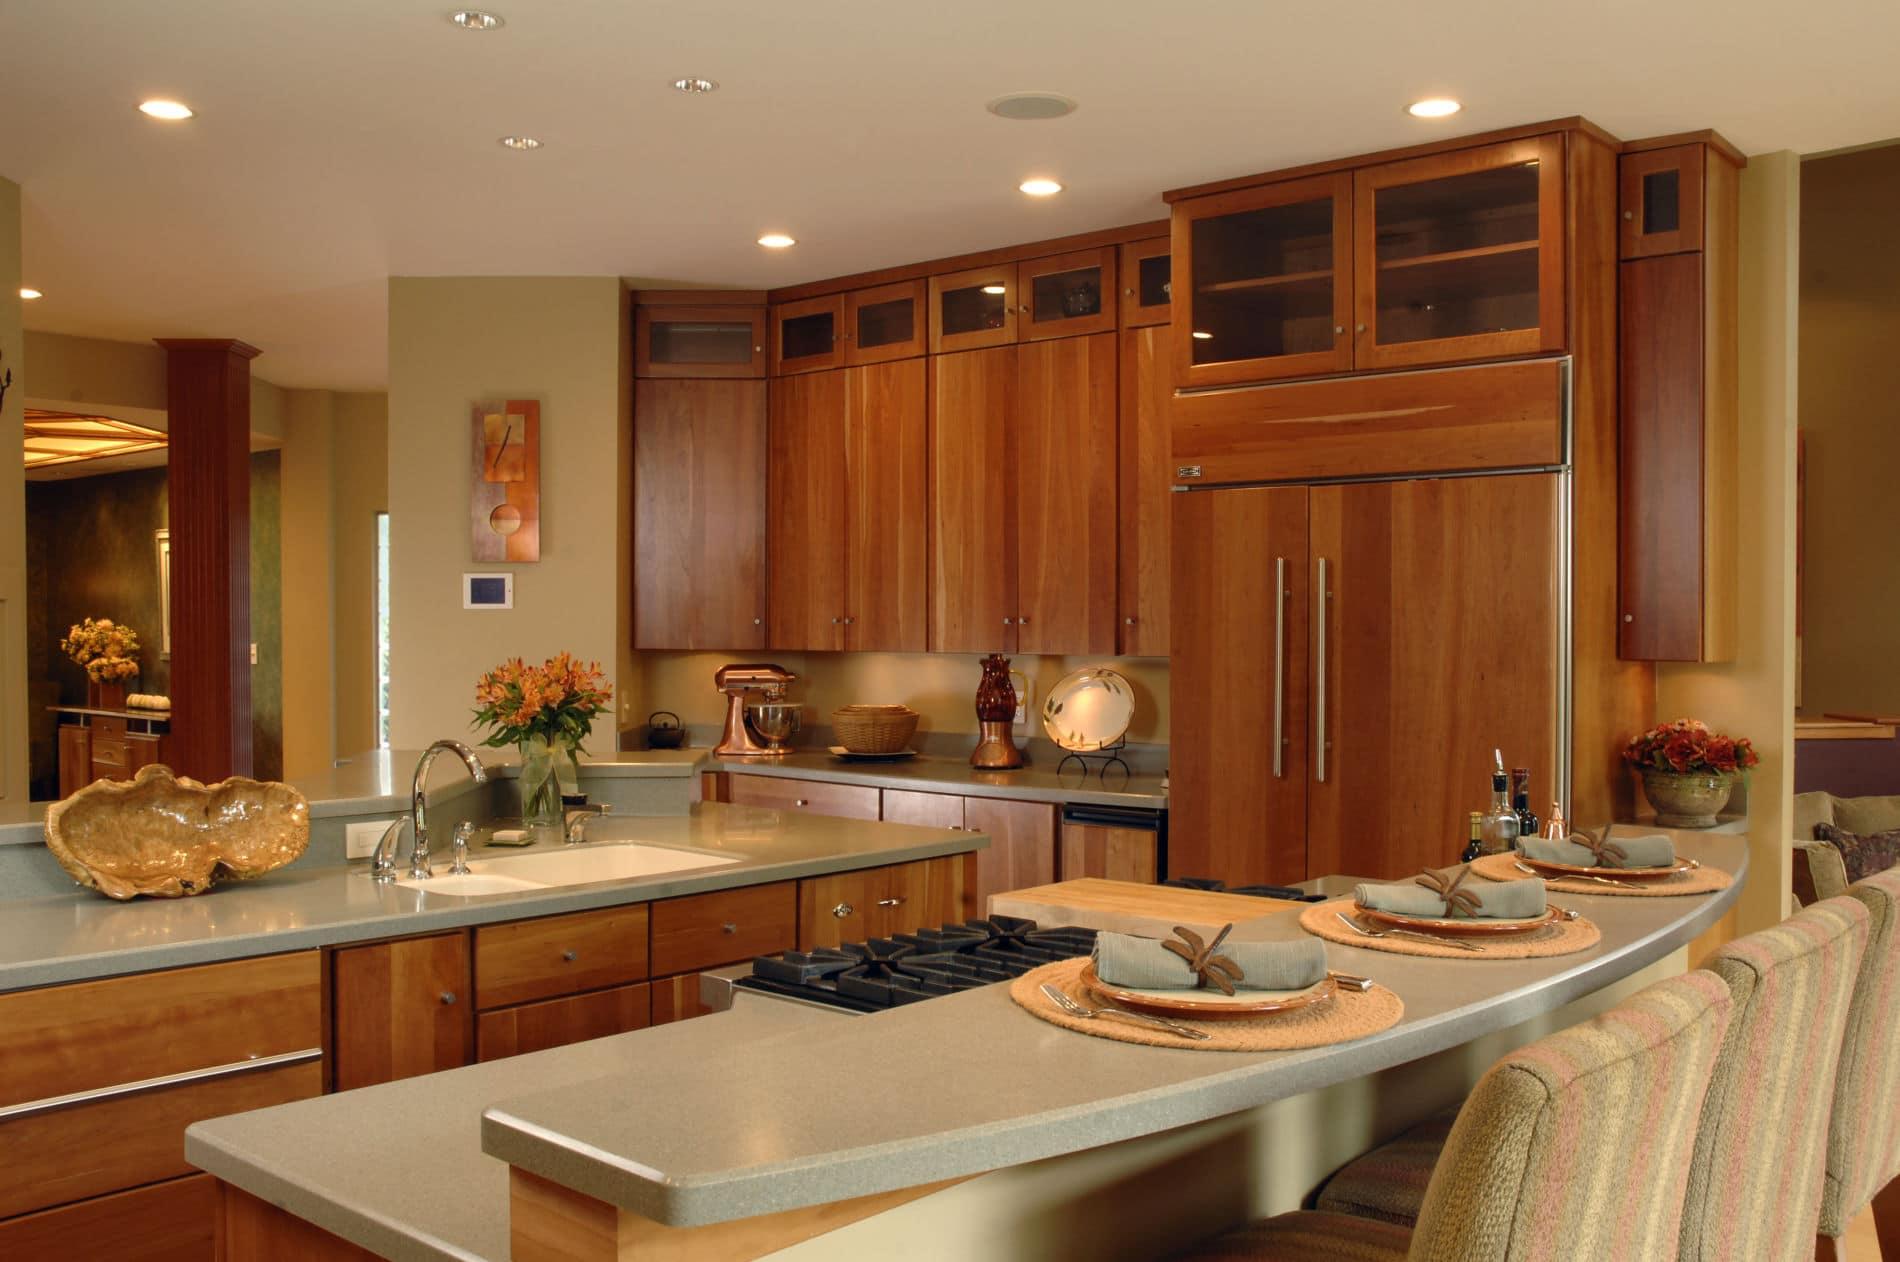 מטבח מעץ מלאה עם שילוב של גרניט דגם פורטונה